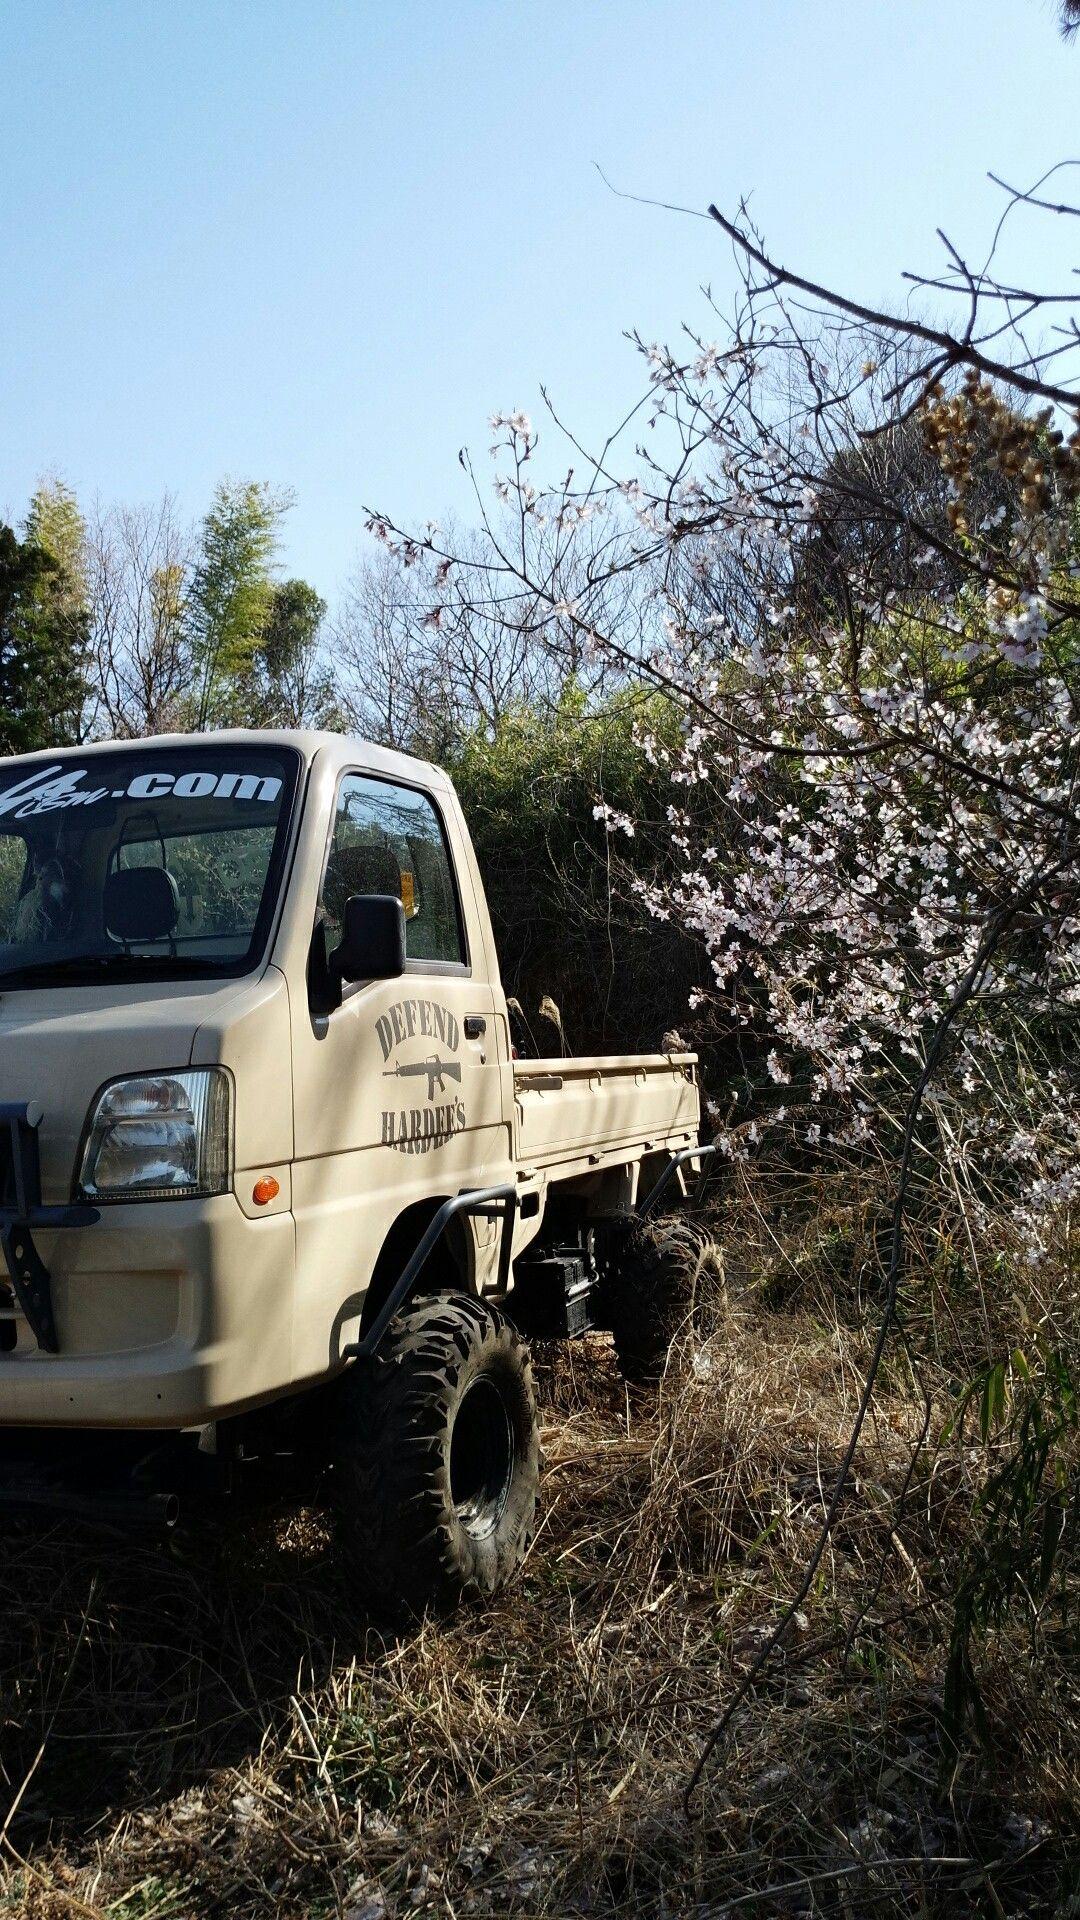 Kei Car Rc Cars Mini Trucks Hammocks Offroad Motor T